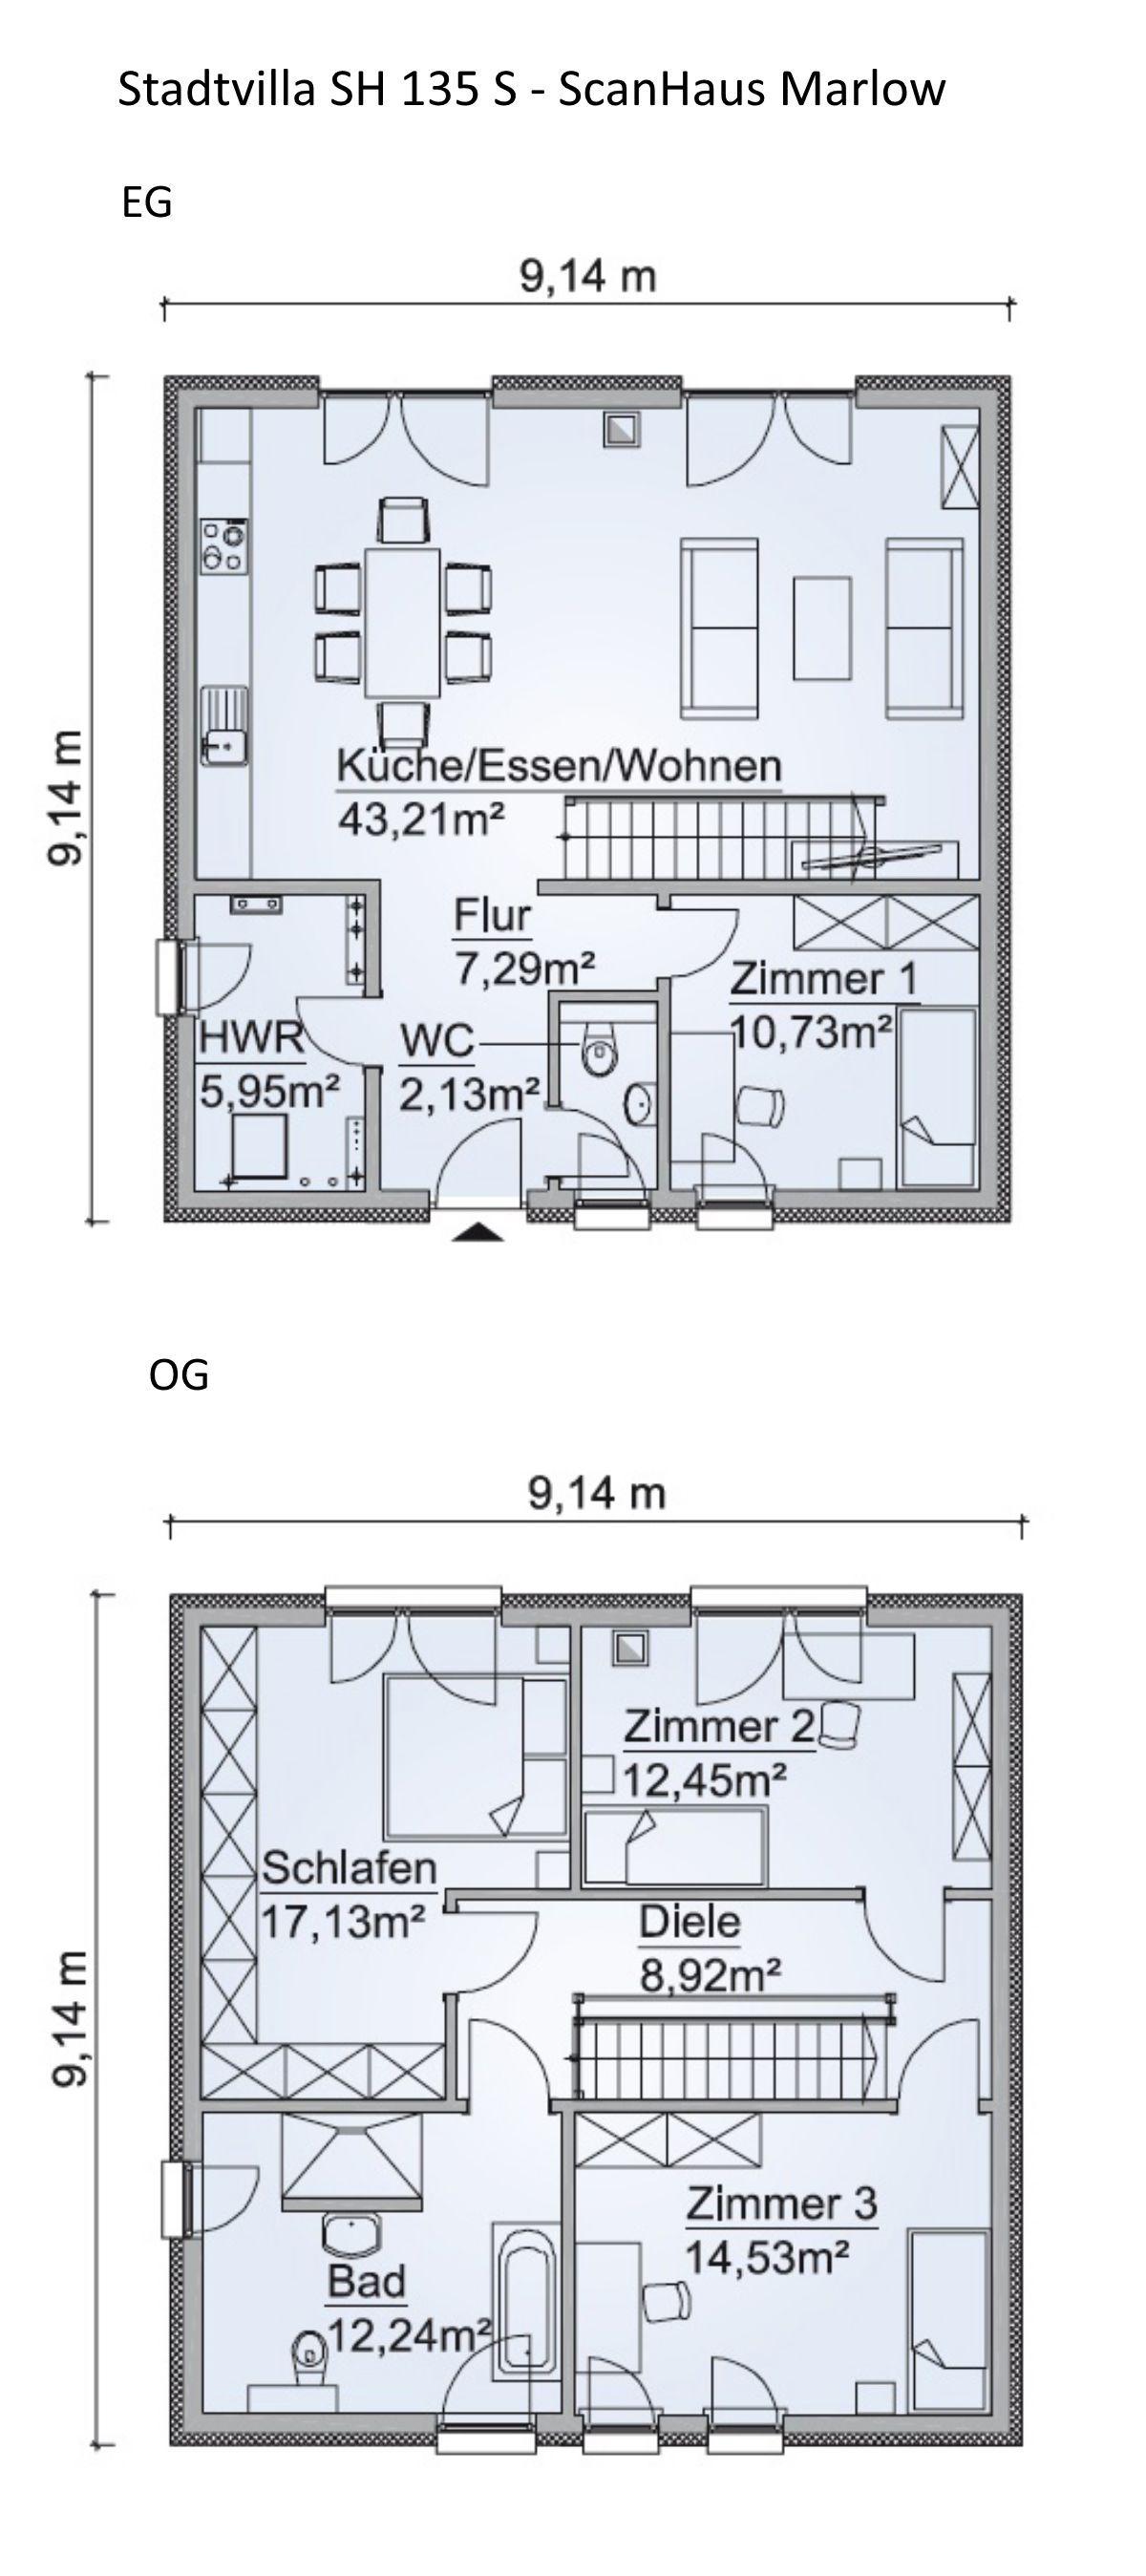 Modernes Einfamilienhaus Grundriss Mit Garage Walmdach